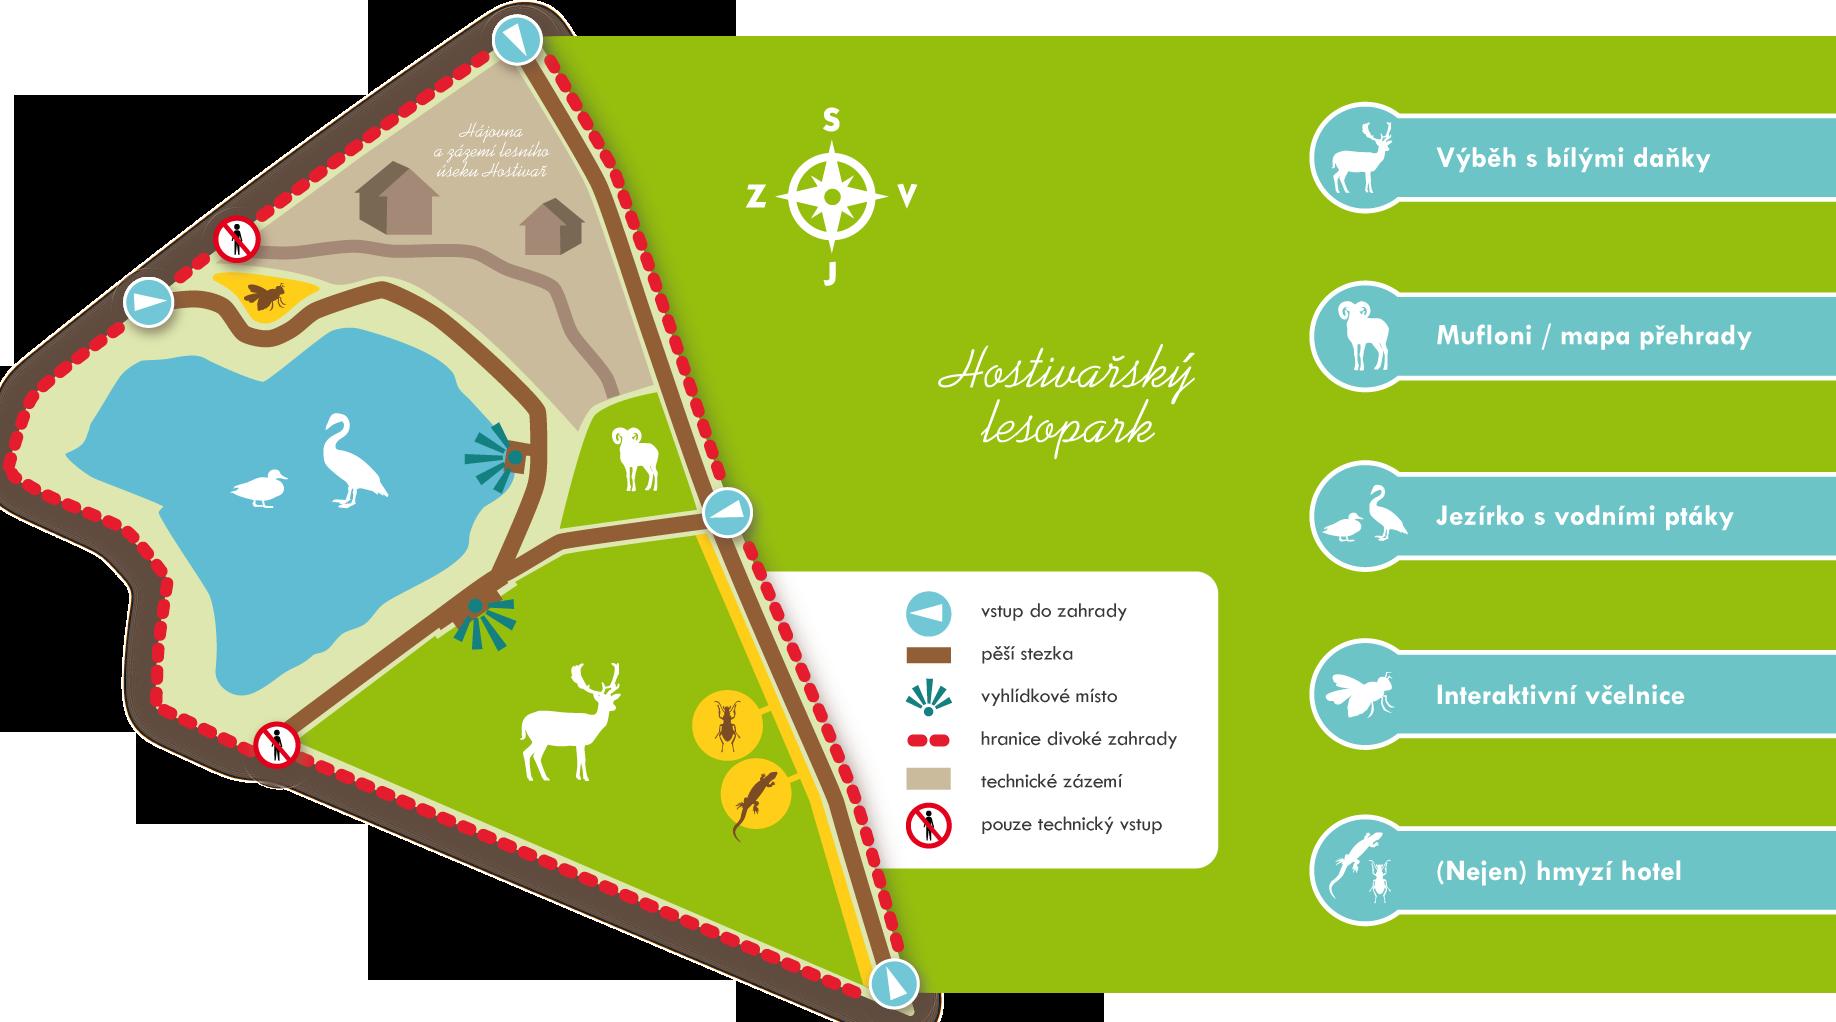 mapa-divoka-zahrada